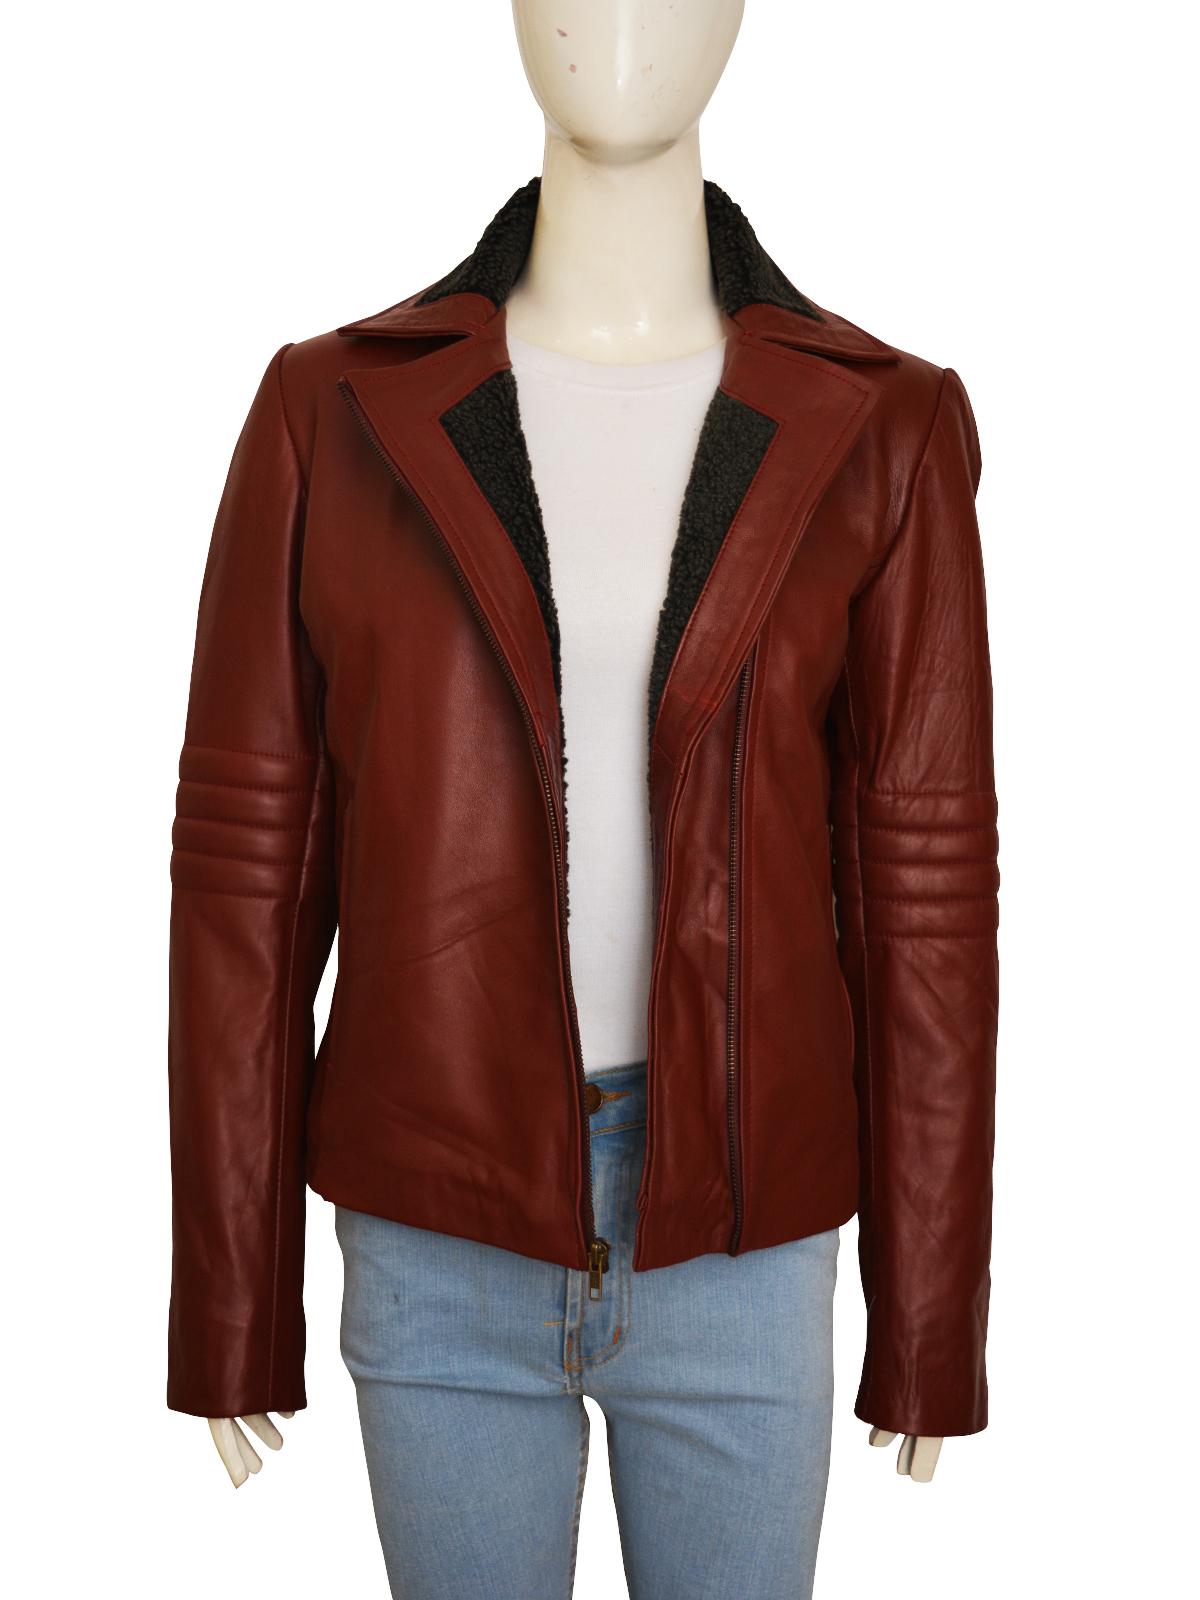 Stylish Maroon Leather Jacket For Her | Women Jacket | MauveTree